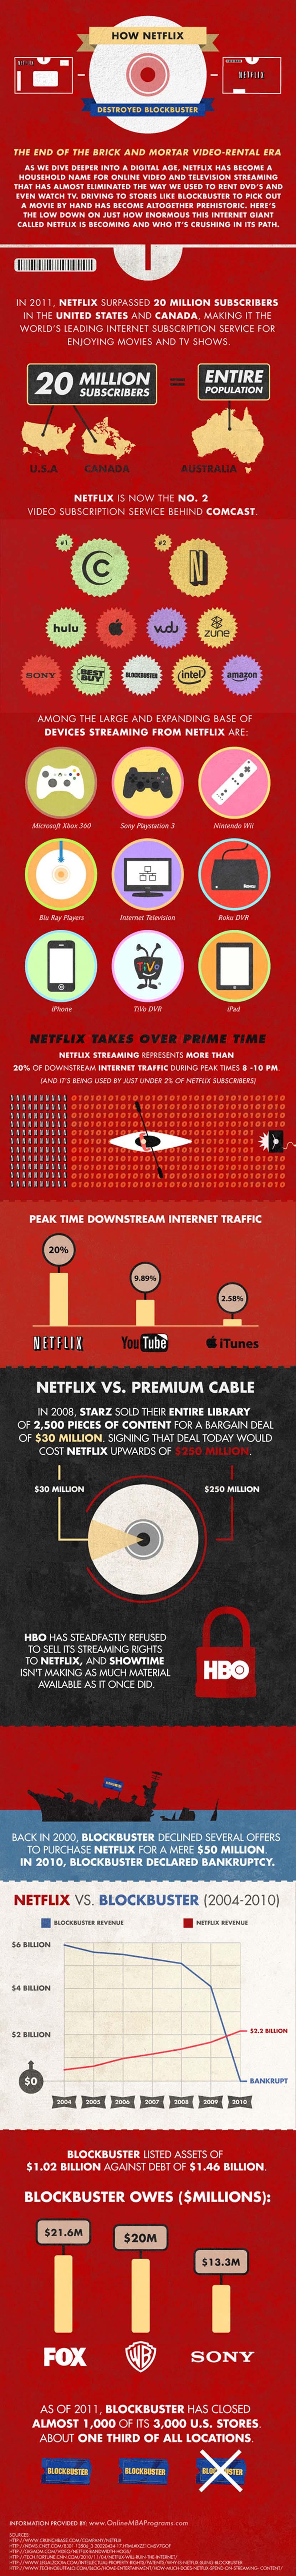 Cómo Netflix destrozó a BlockBuster